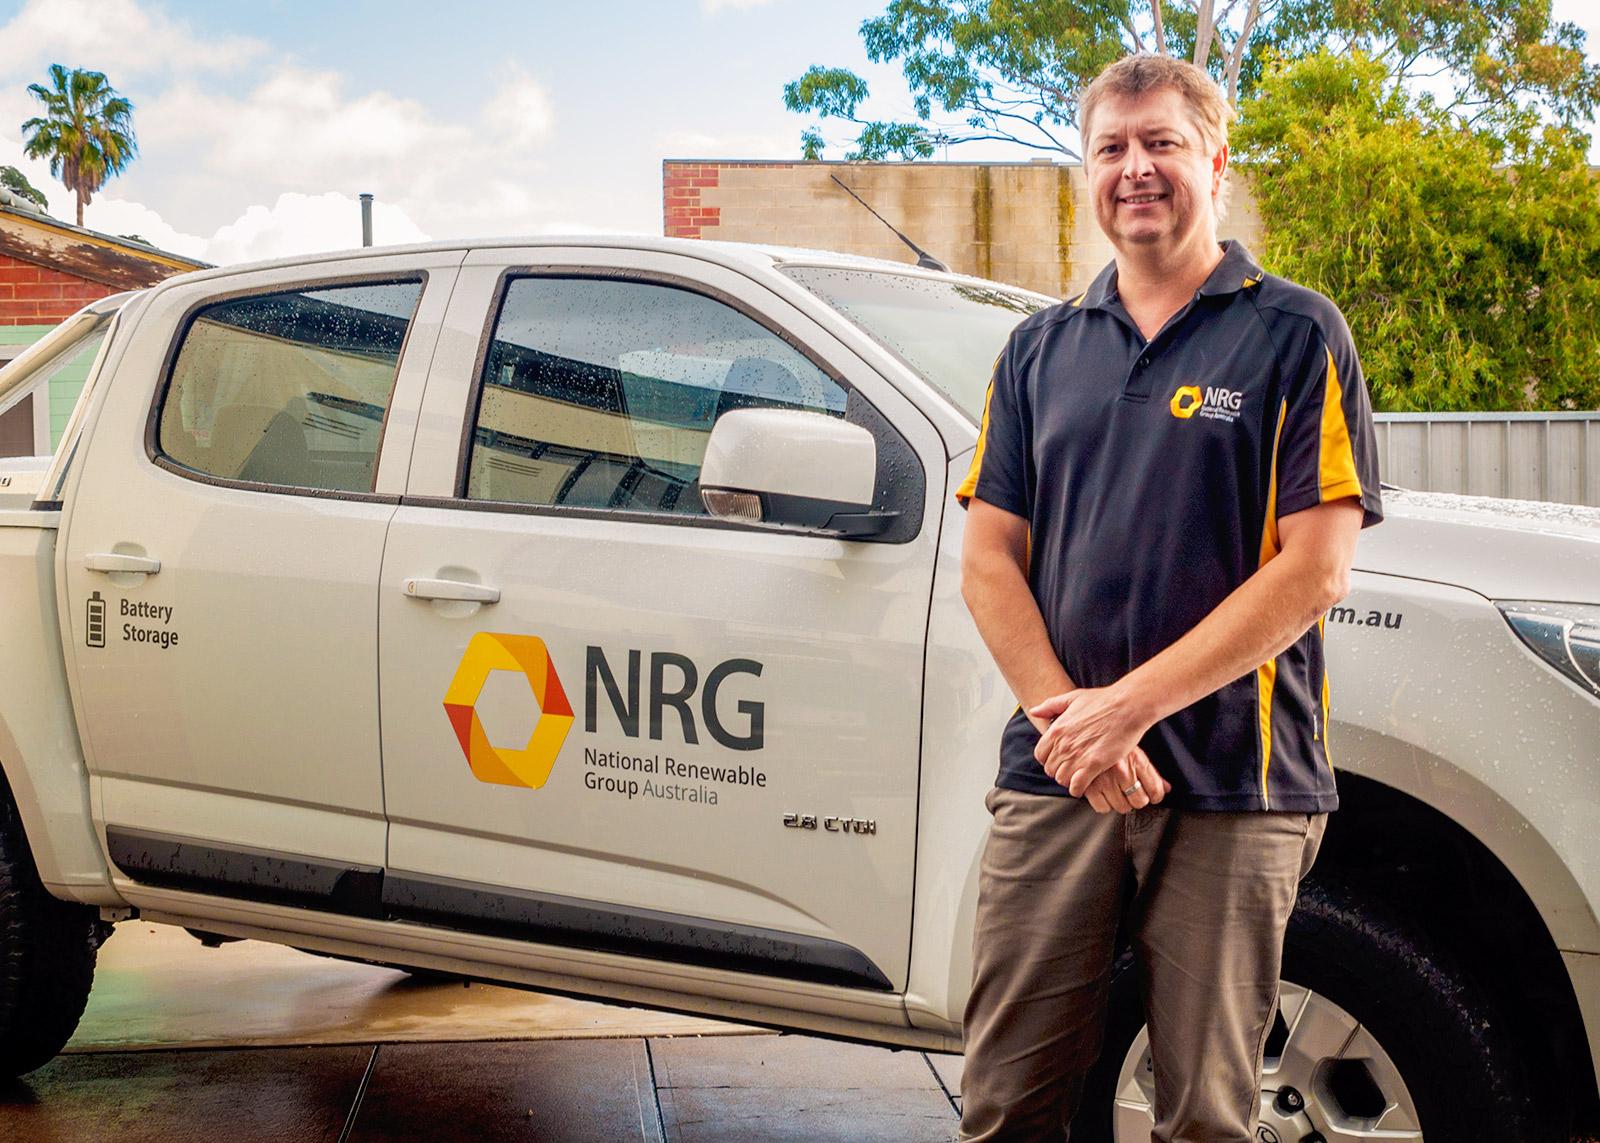 NRG solar technician